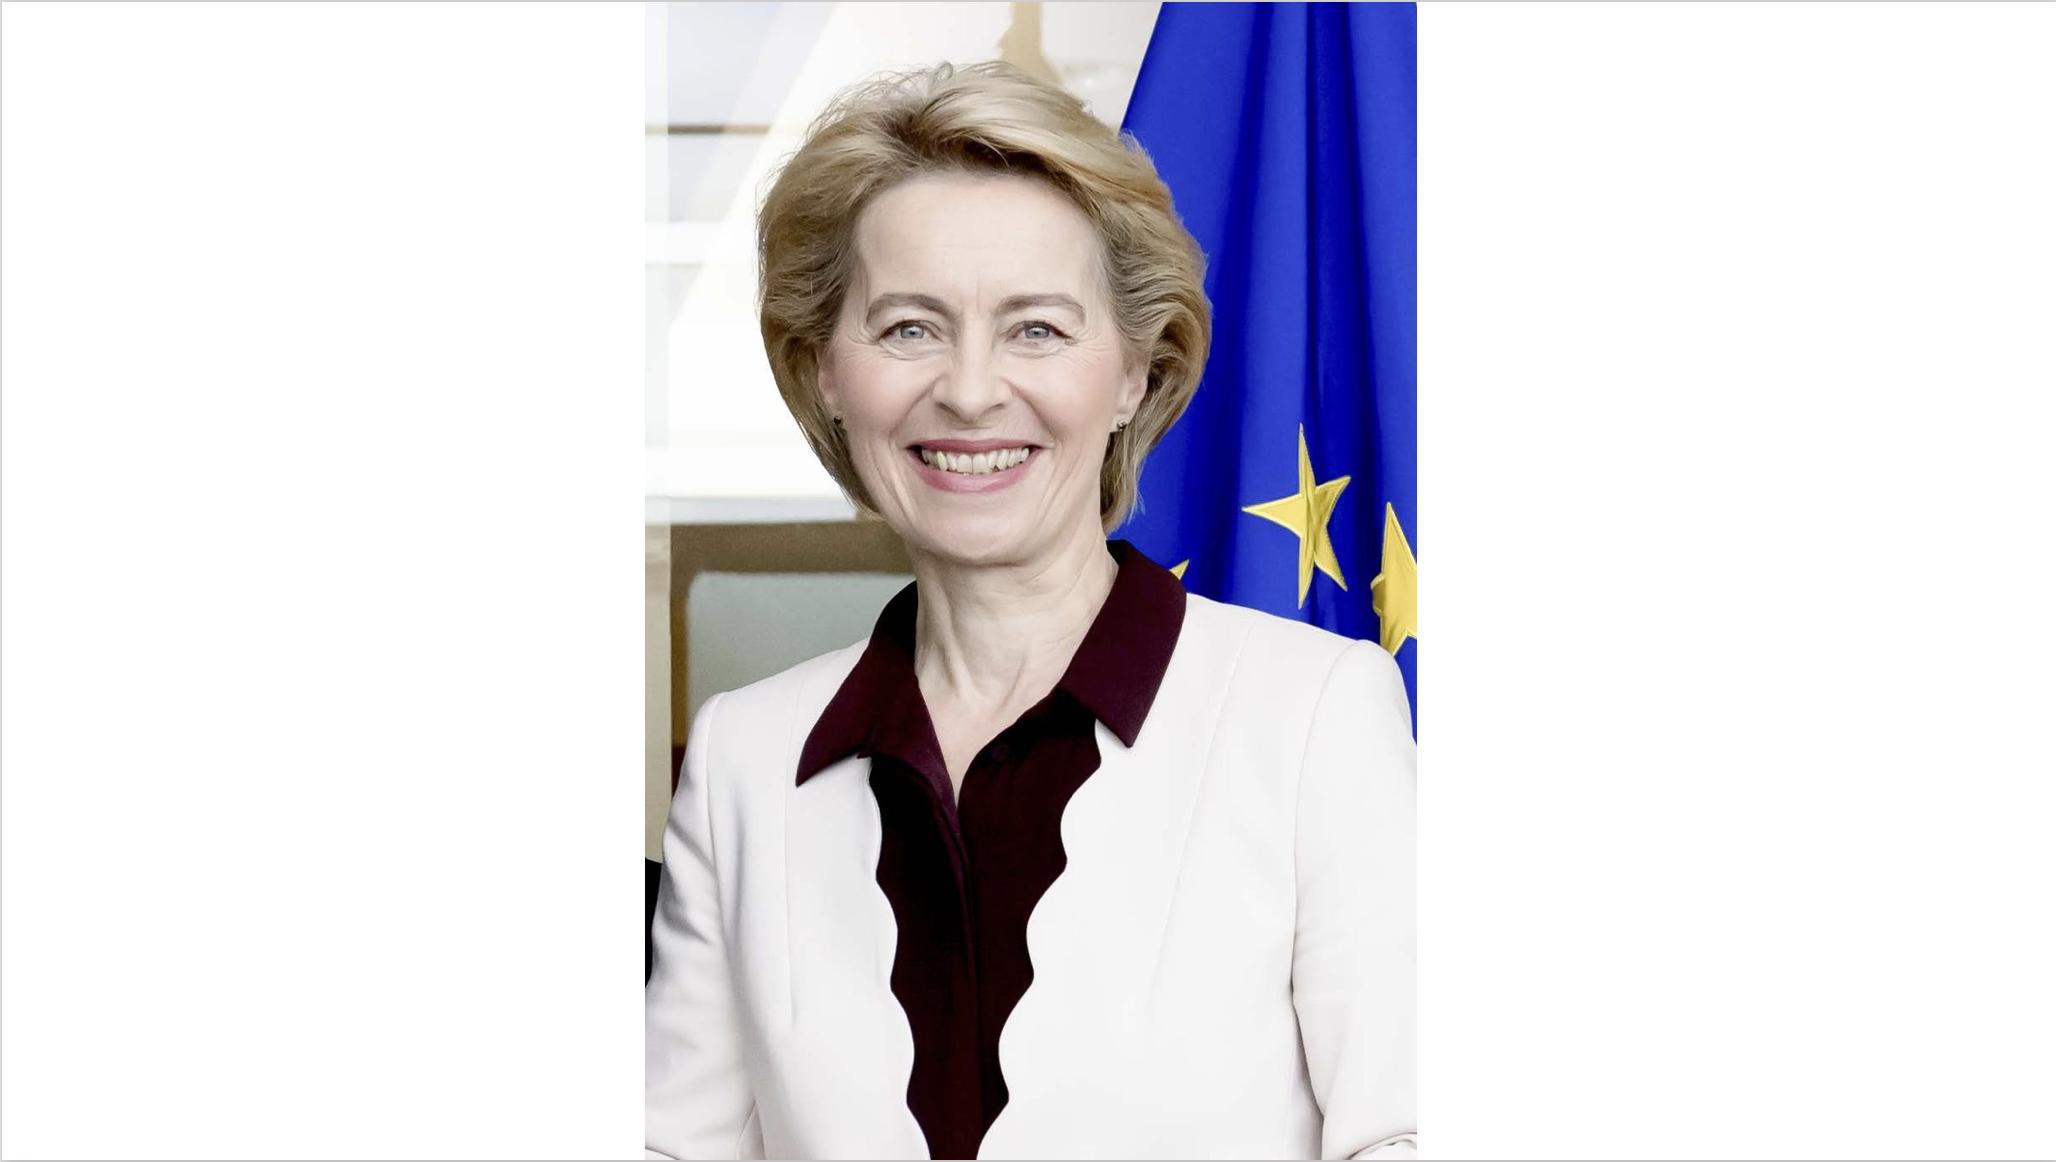 Ursula von der Leyen incontra Thomas Bach per parlare di sport, solidarietà e vaccini